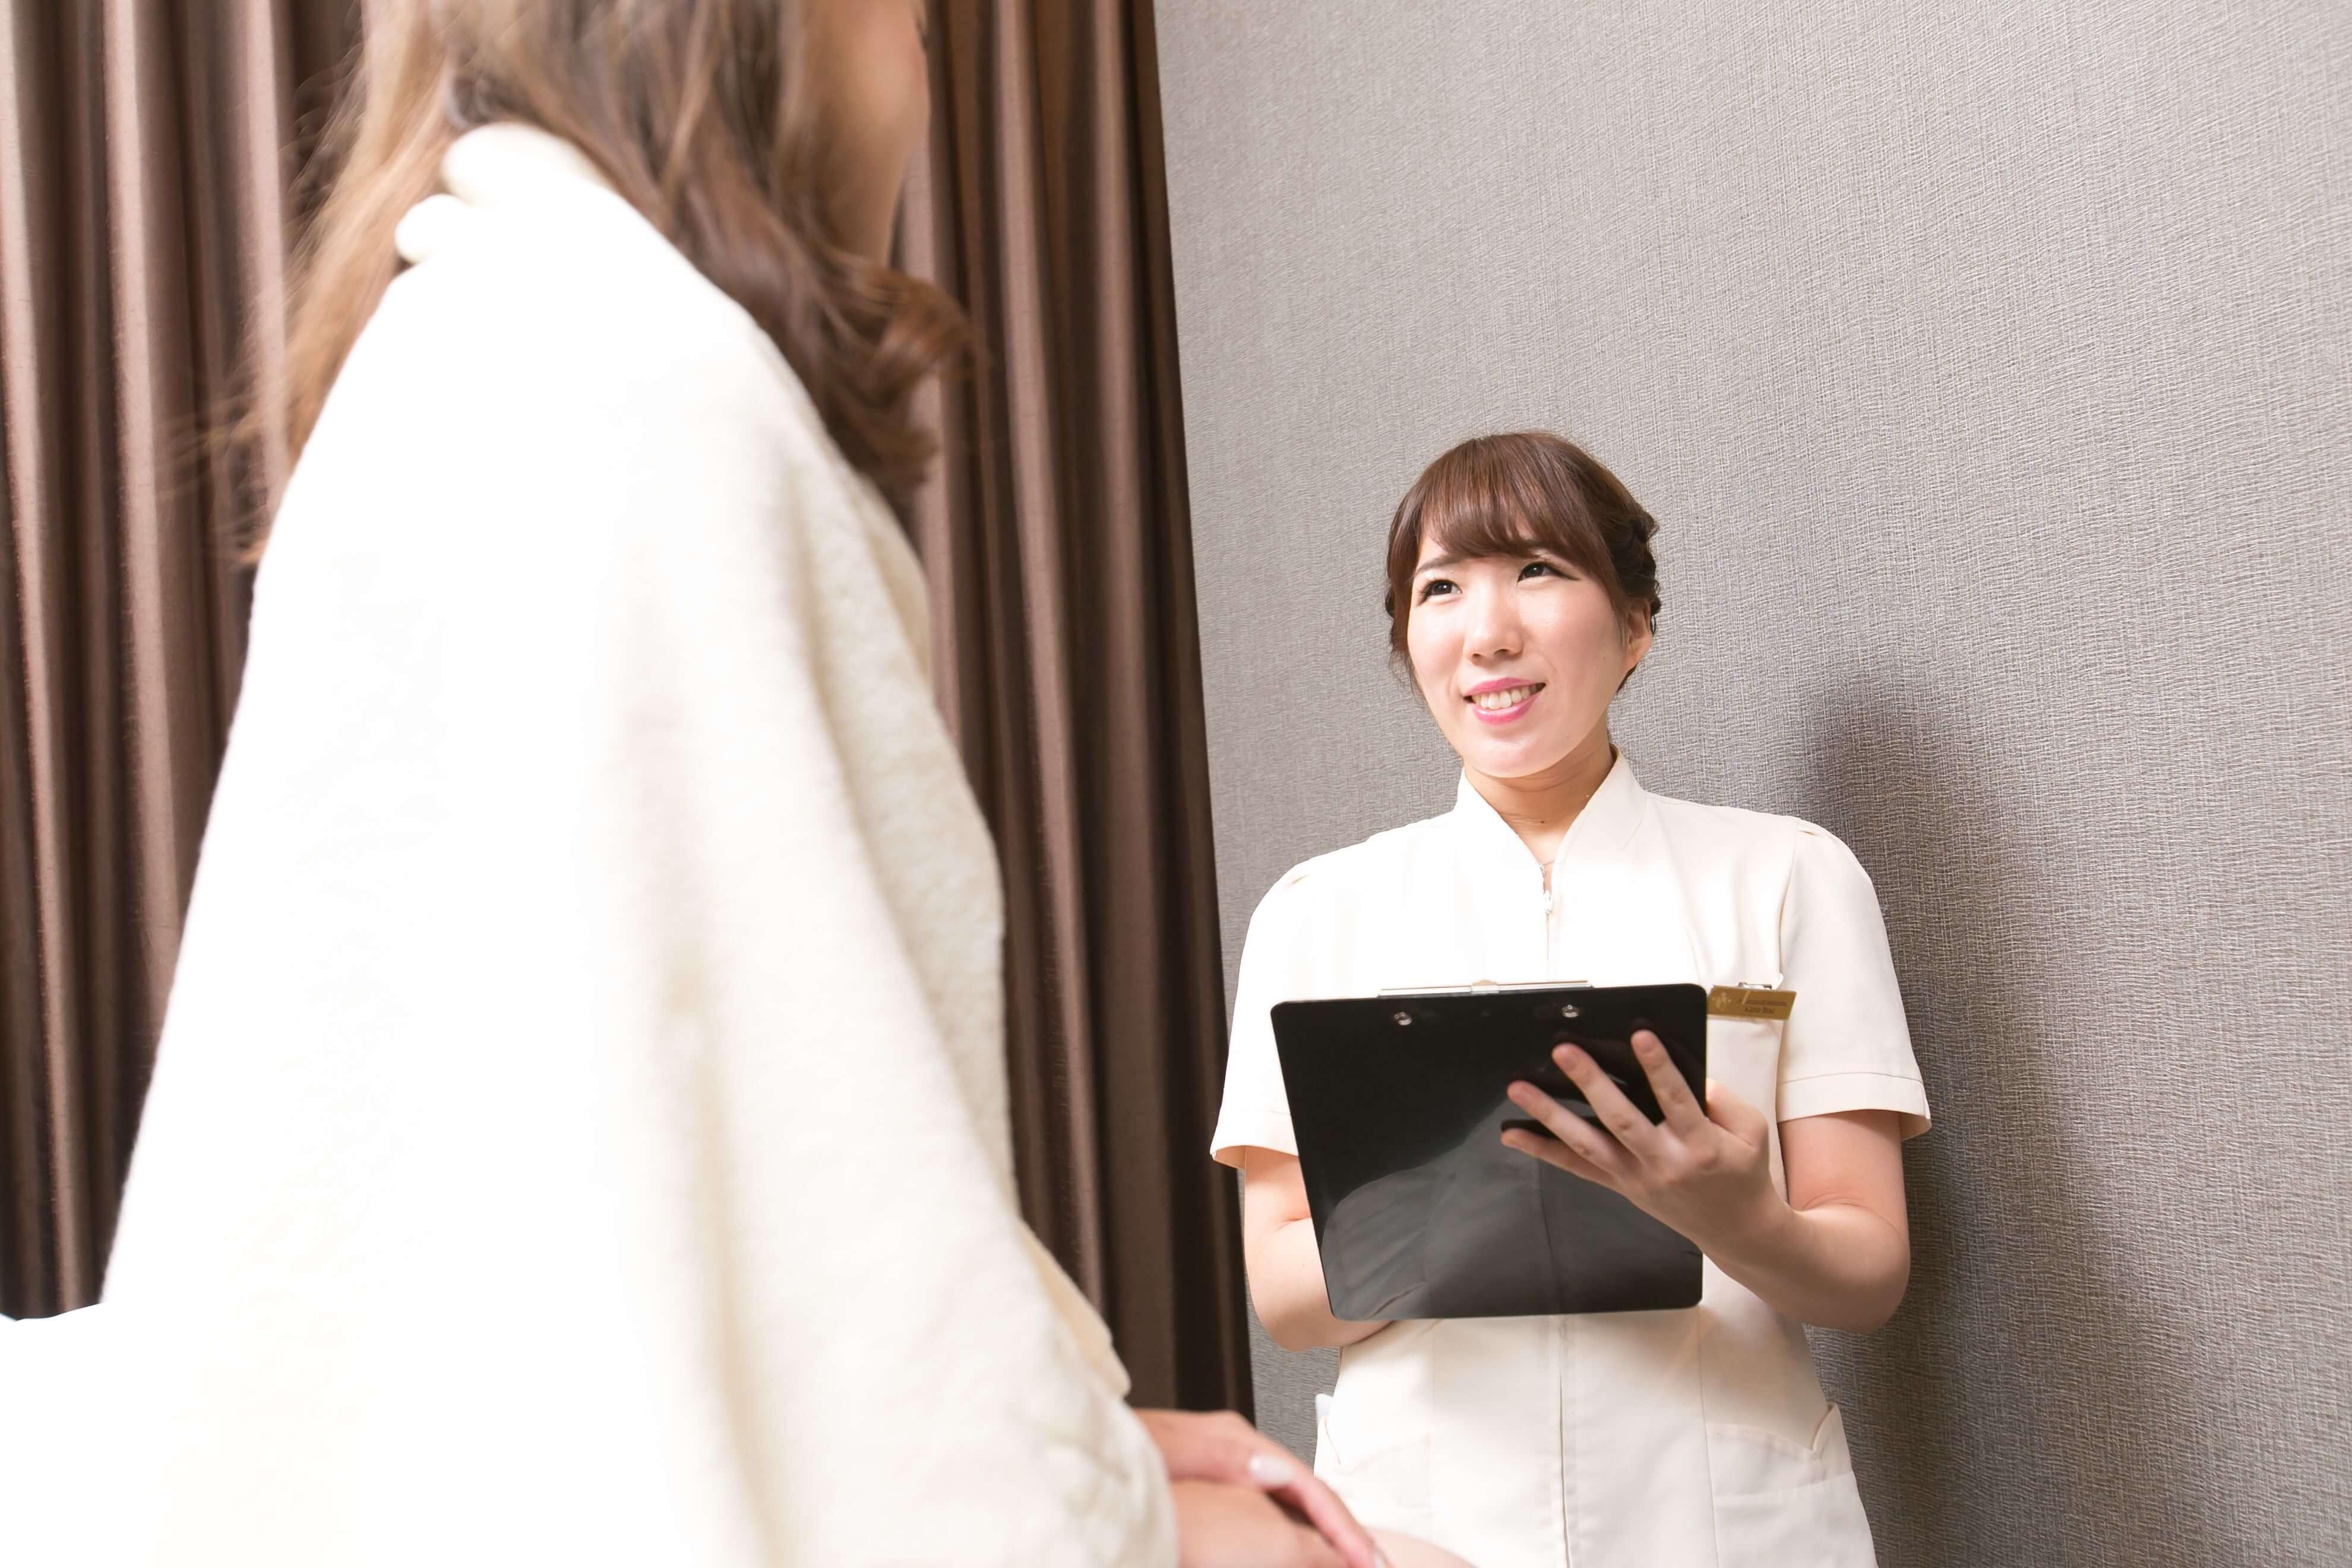 鍼灸師になる基礎的な学問